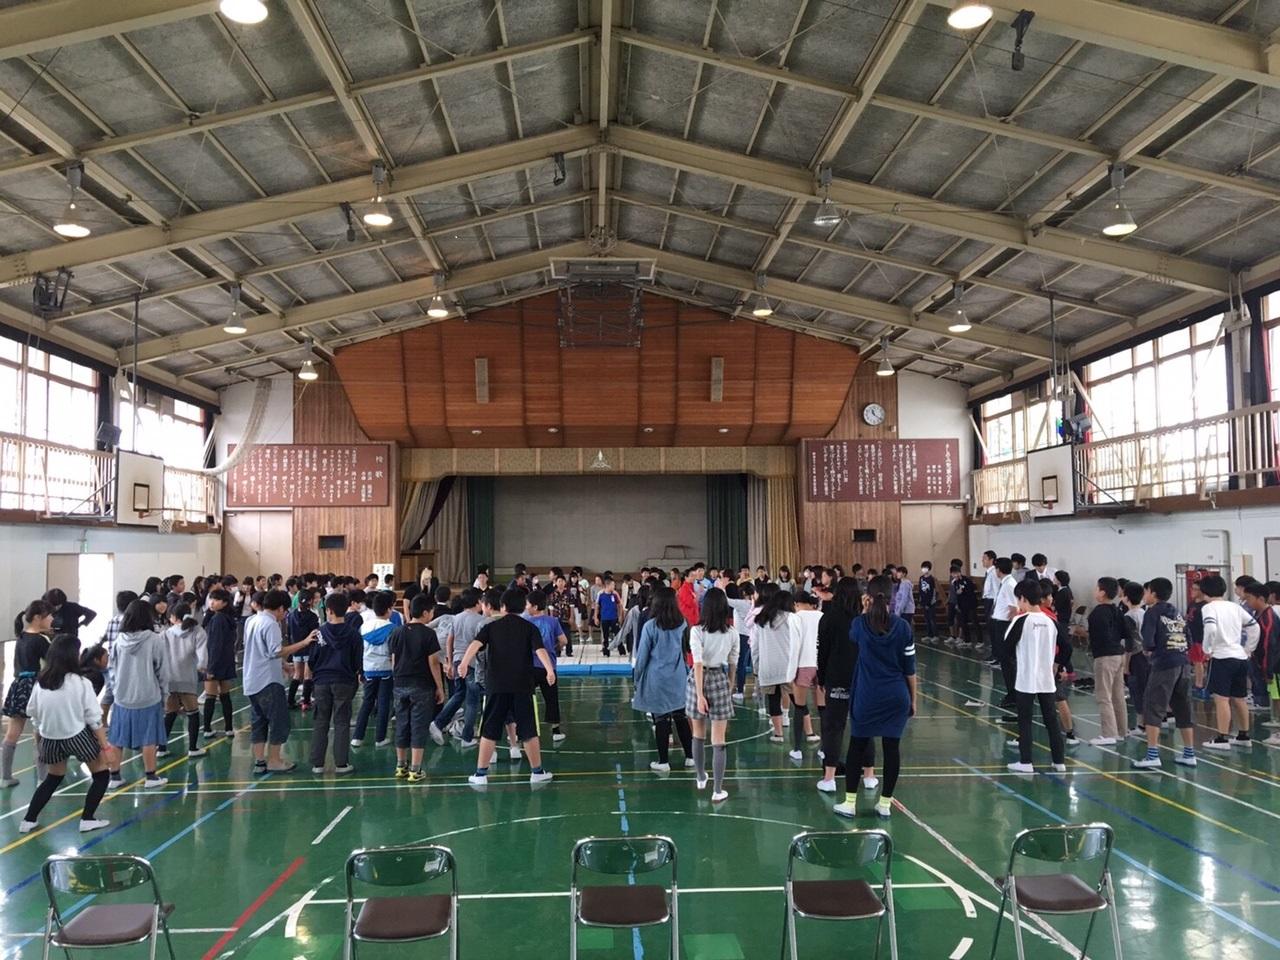 【センダイガールズプロレスリング】仙台市内の小学校にて仙女の選手が特別授業を実施!